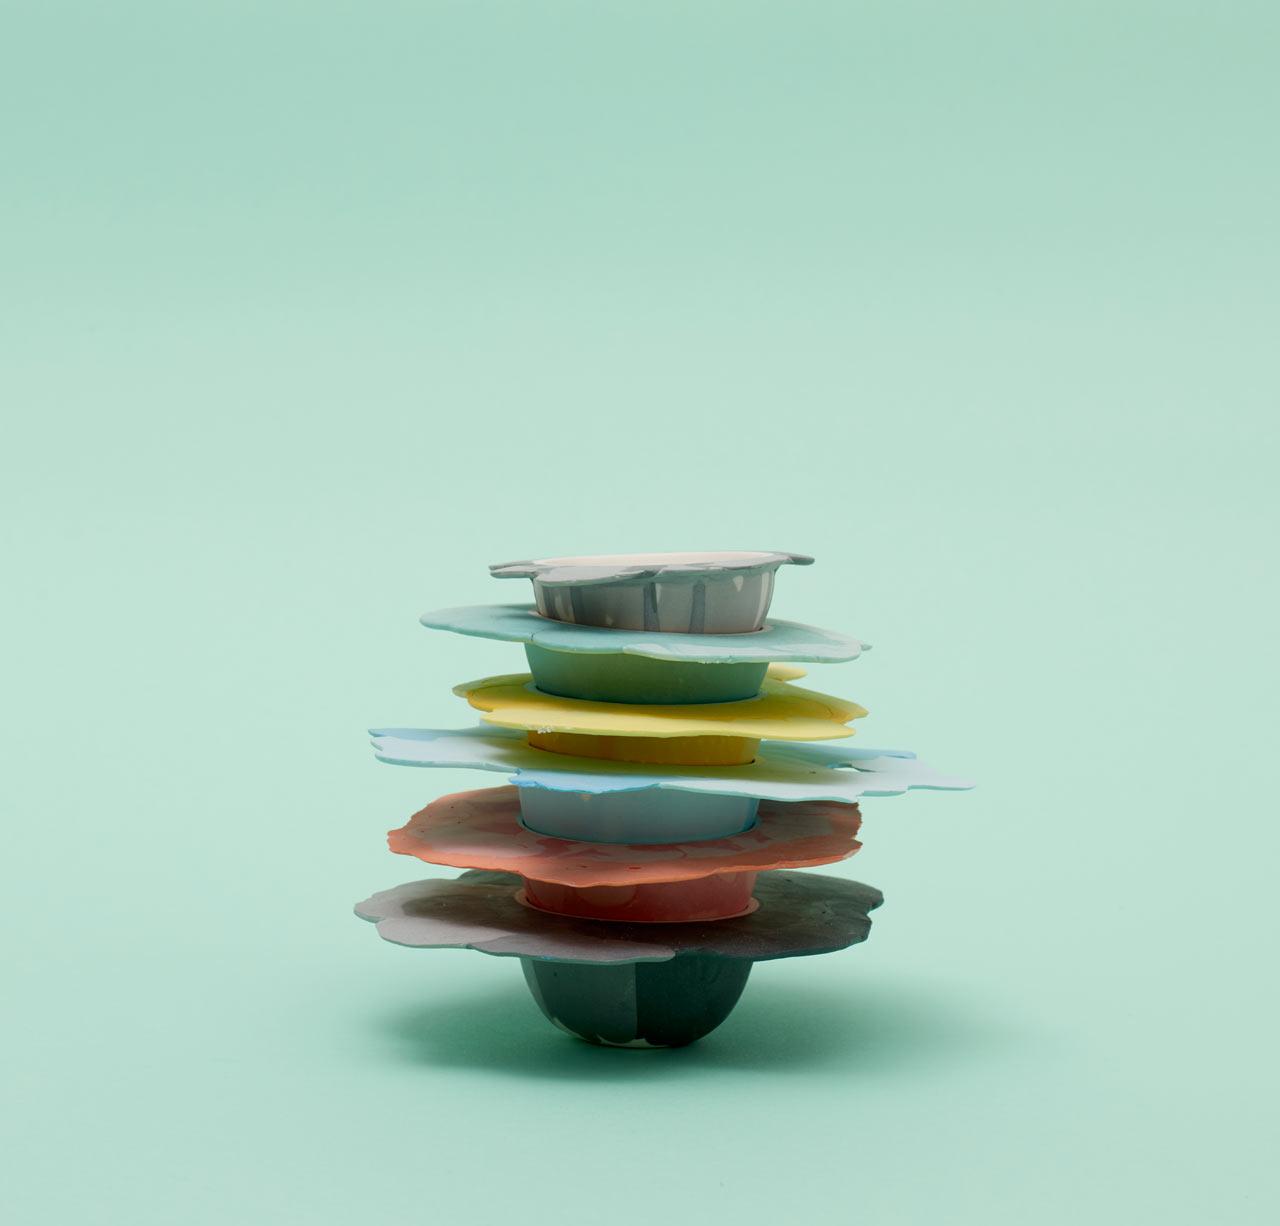 Alissa_Volchkova-Liquid-Series-7